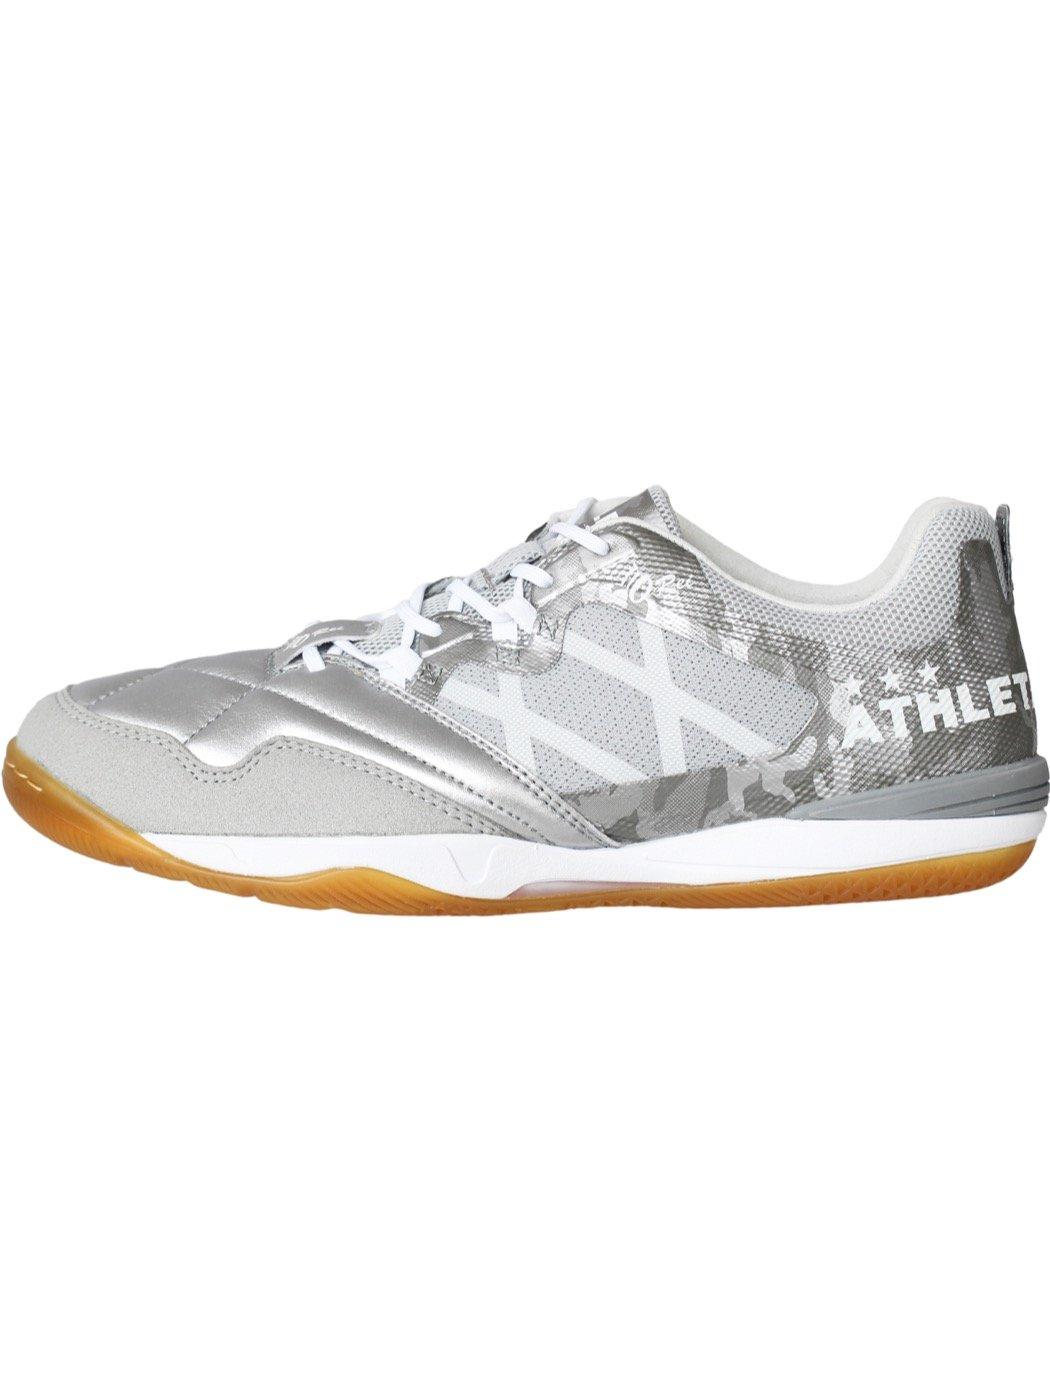 ATHLETA(アスレタ) O-Rei Futsal Falcao 11003-SIWH B075M75BZ6 26.5|シルバー/ホワイト シルバー/ホワイト 26.5